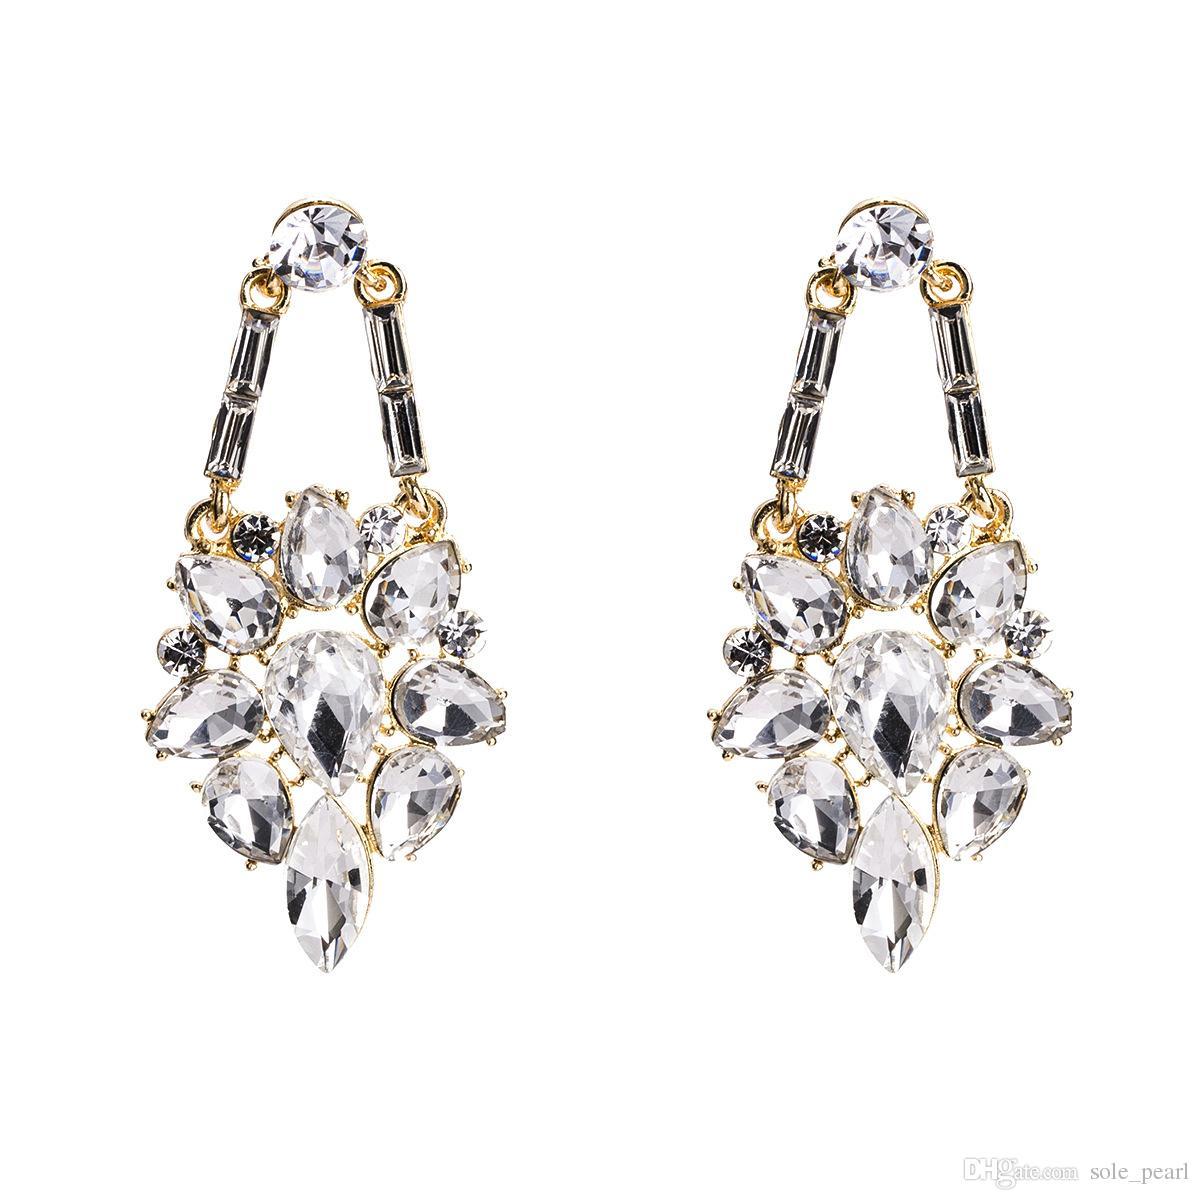 Troddel Tropfen Ohrringe für Frauen Luxus Boho Persönlichkeit Glasbohrer Baumeln Ohrringe einfach Vintage geometrische Mode Schmuck Großhandel 2018